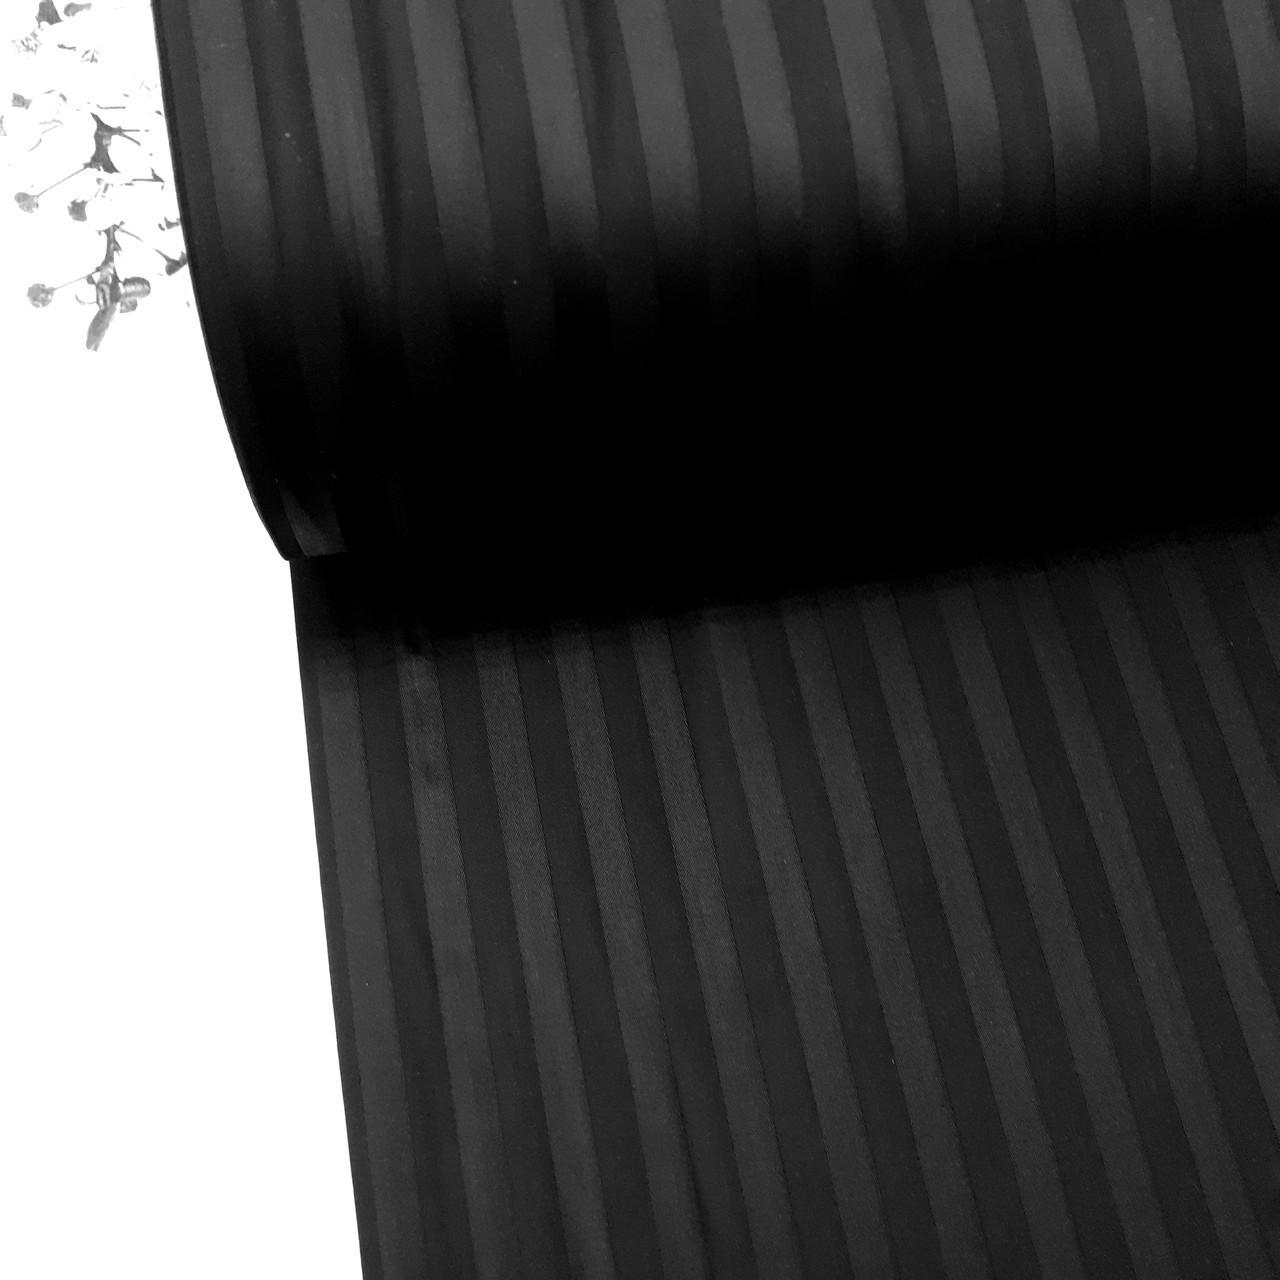 Сатин 100% хлопок  (ТУРЦИЯ шир. 2,4 м) Stripes черный ОТРЕЗ (размер 1,8,*2,4 м)